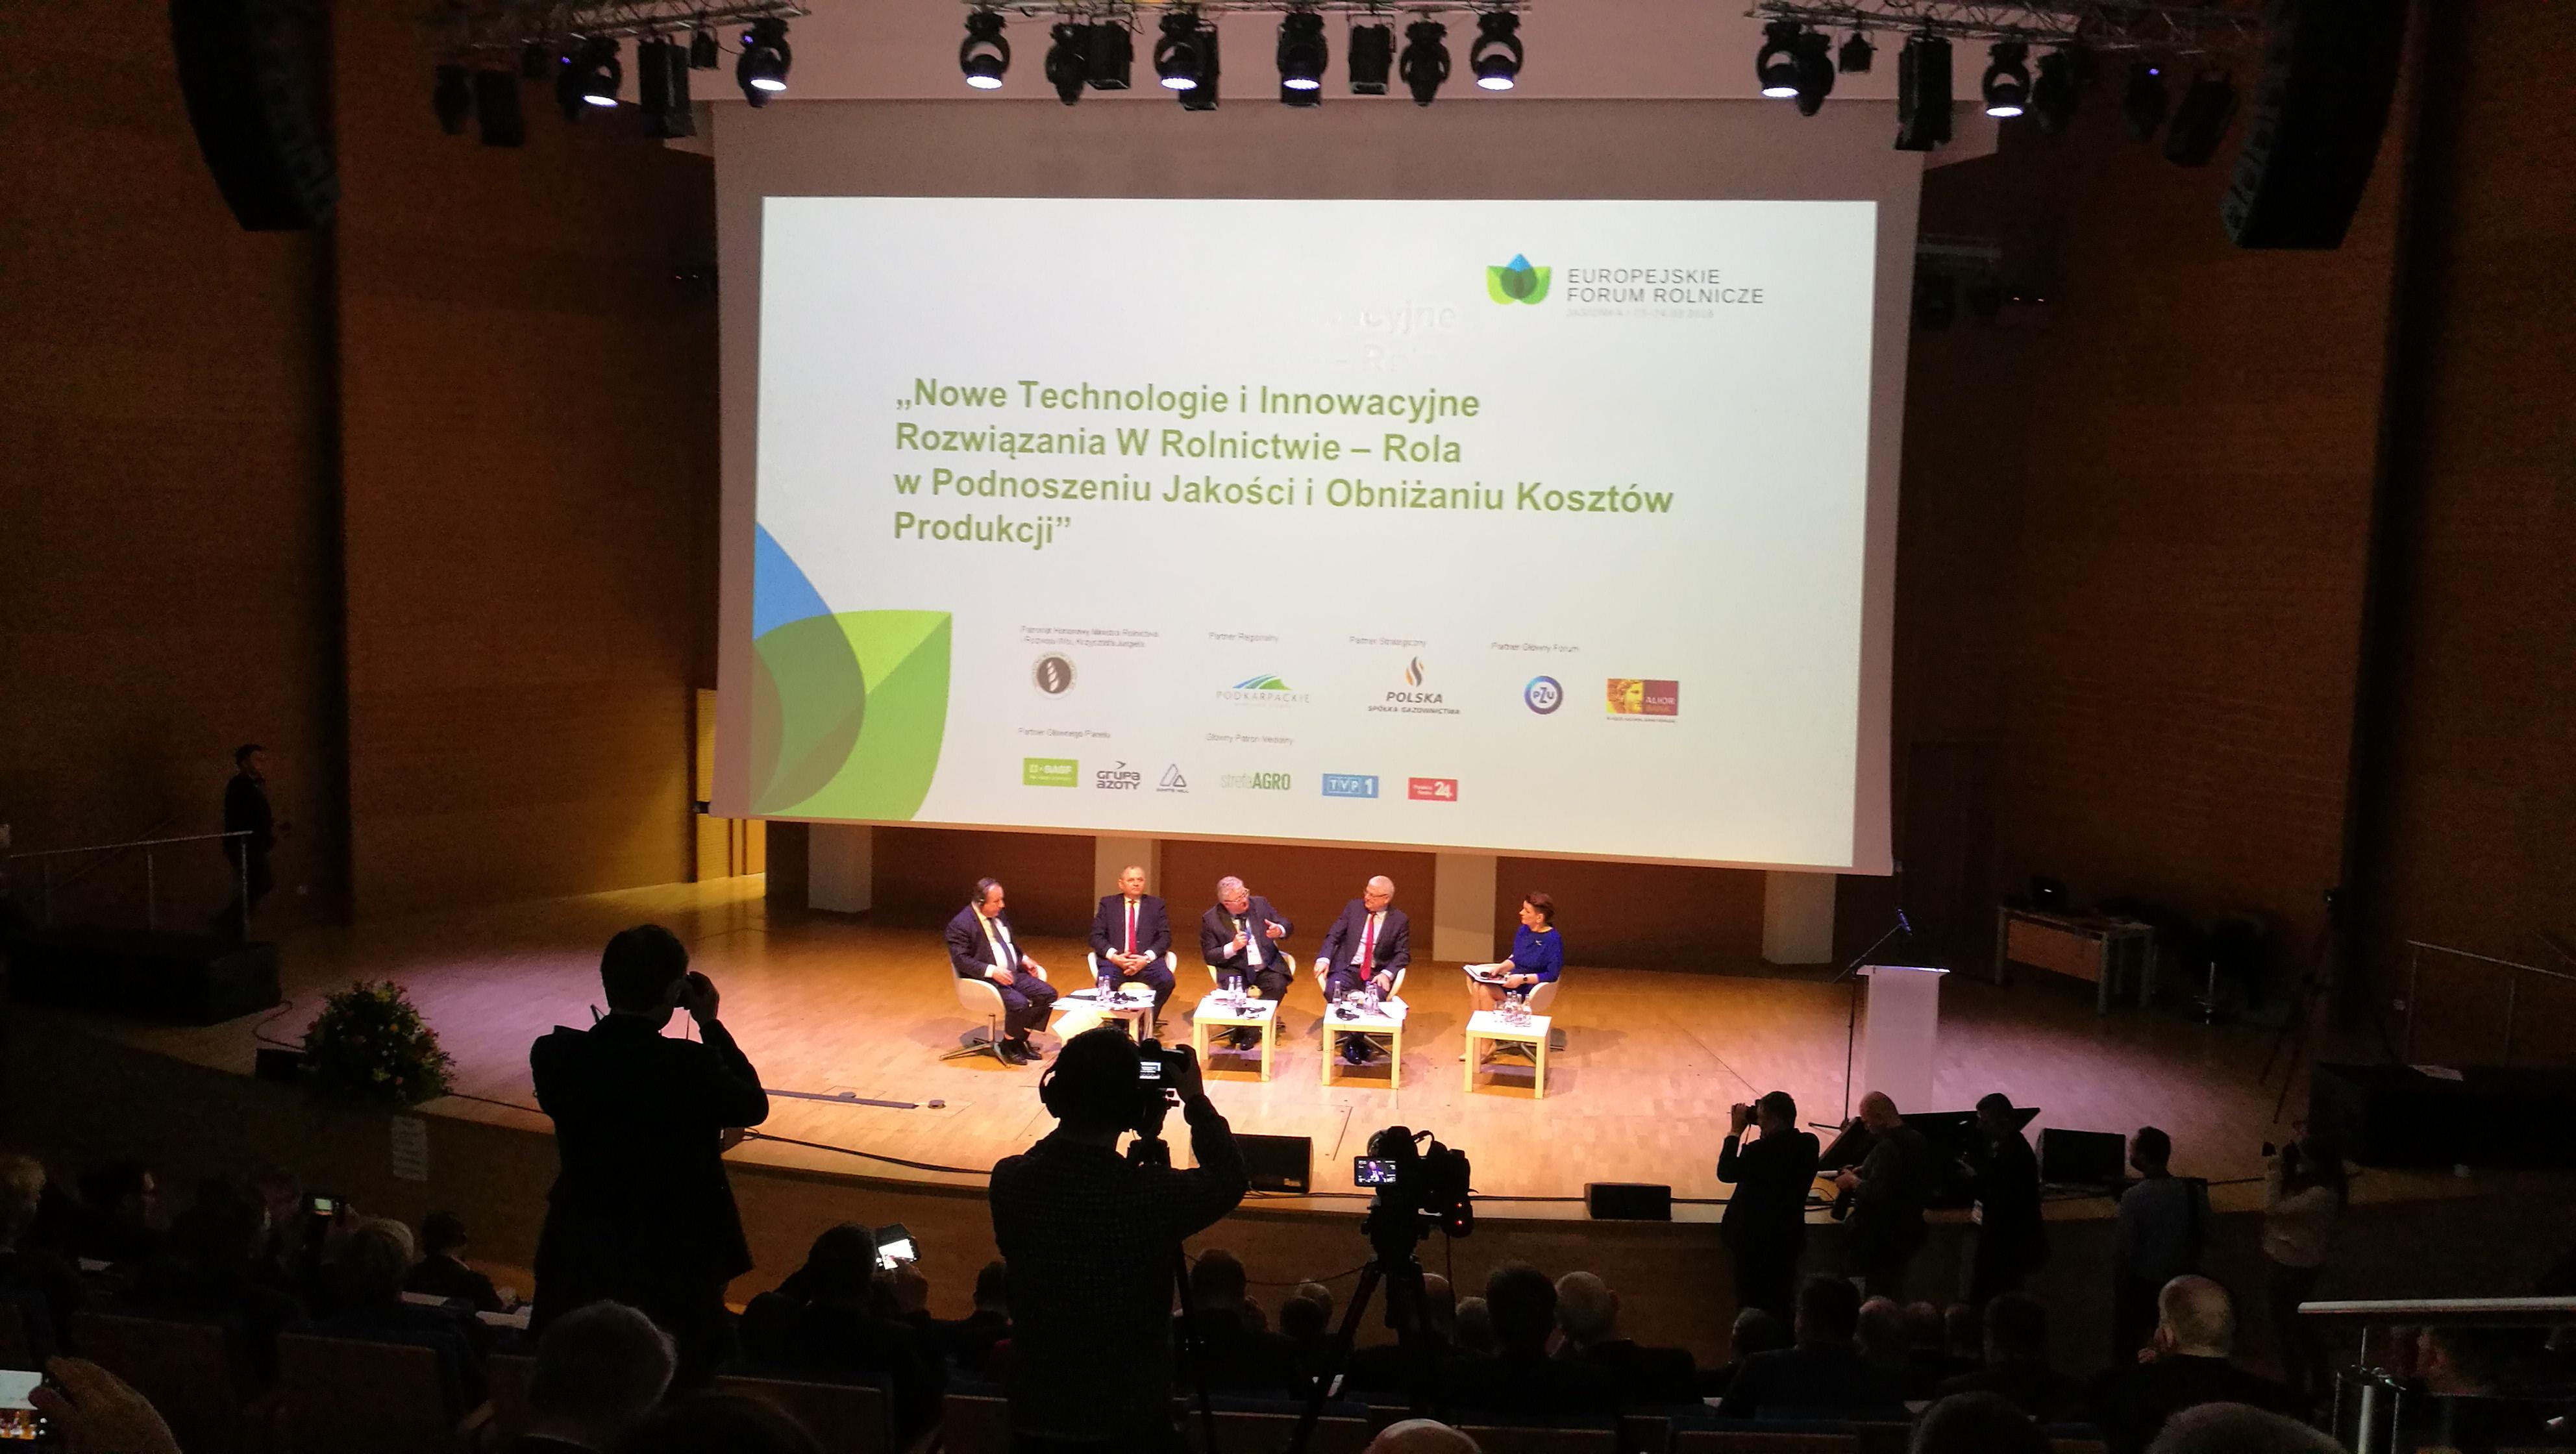 Europejskie Forum Rolnicze w Jasionce 23-24 marca 2018 r.